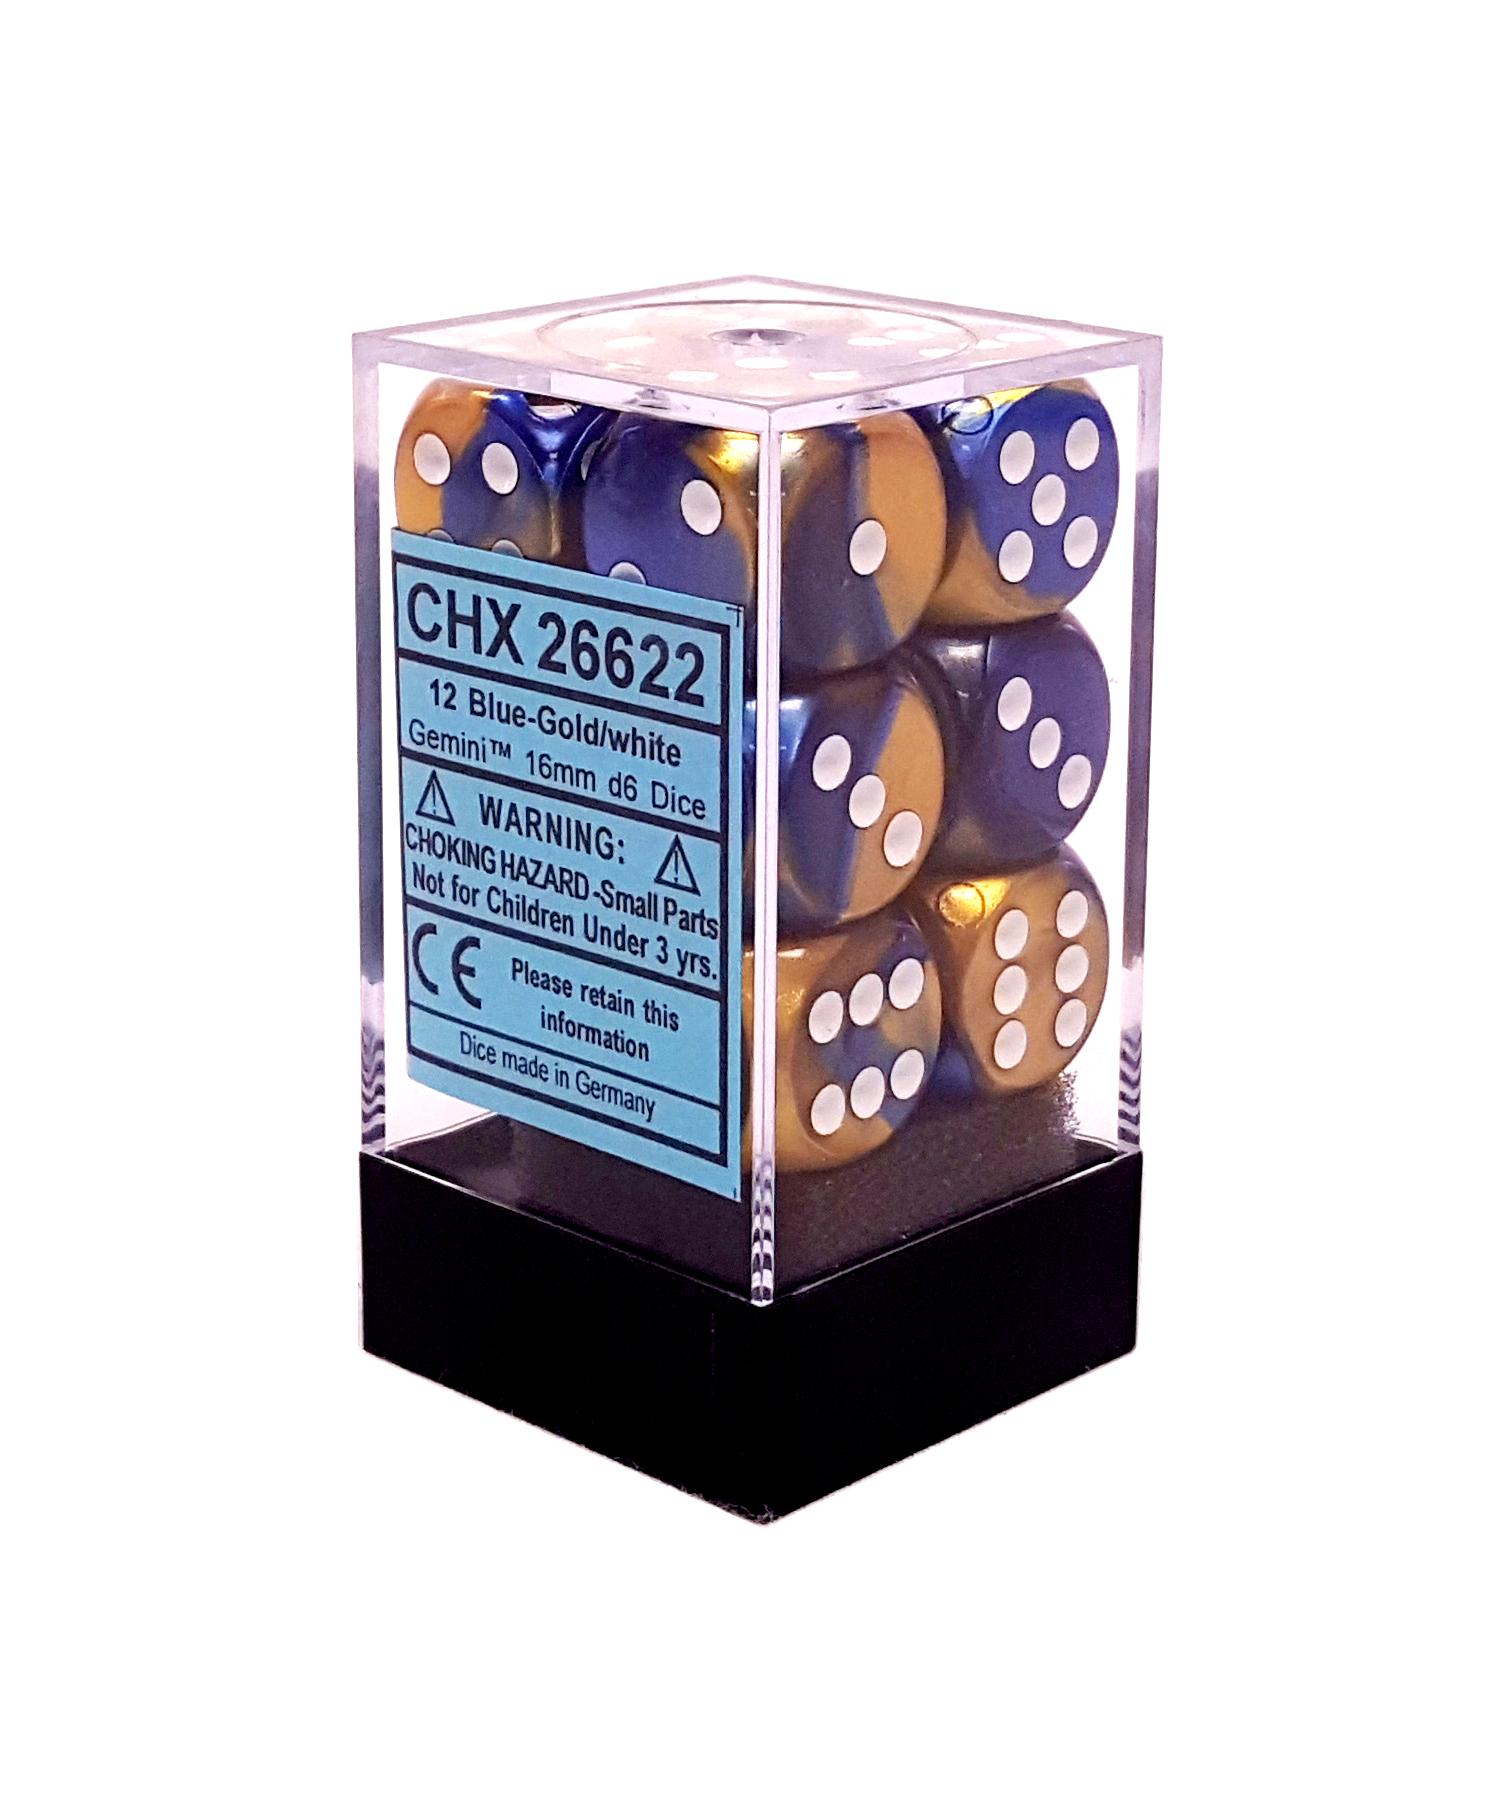 Chessex Dice CHX 26622 Gemini 16mm D6 Blue-Gold W/ White